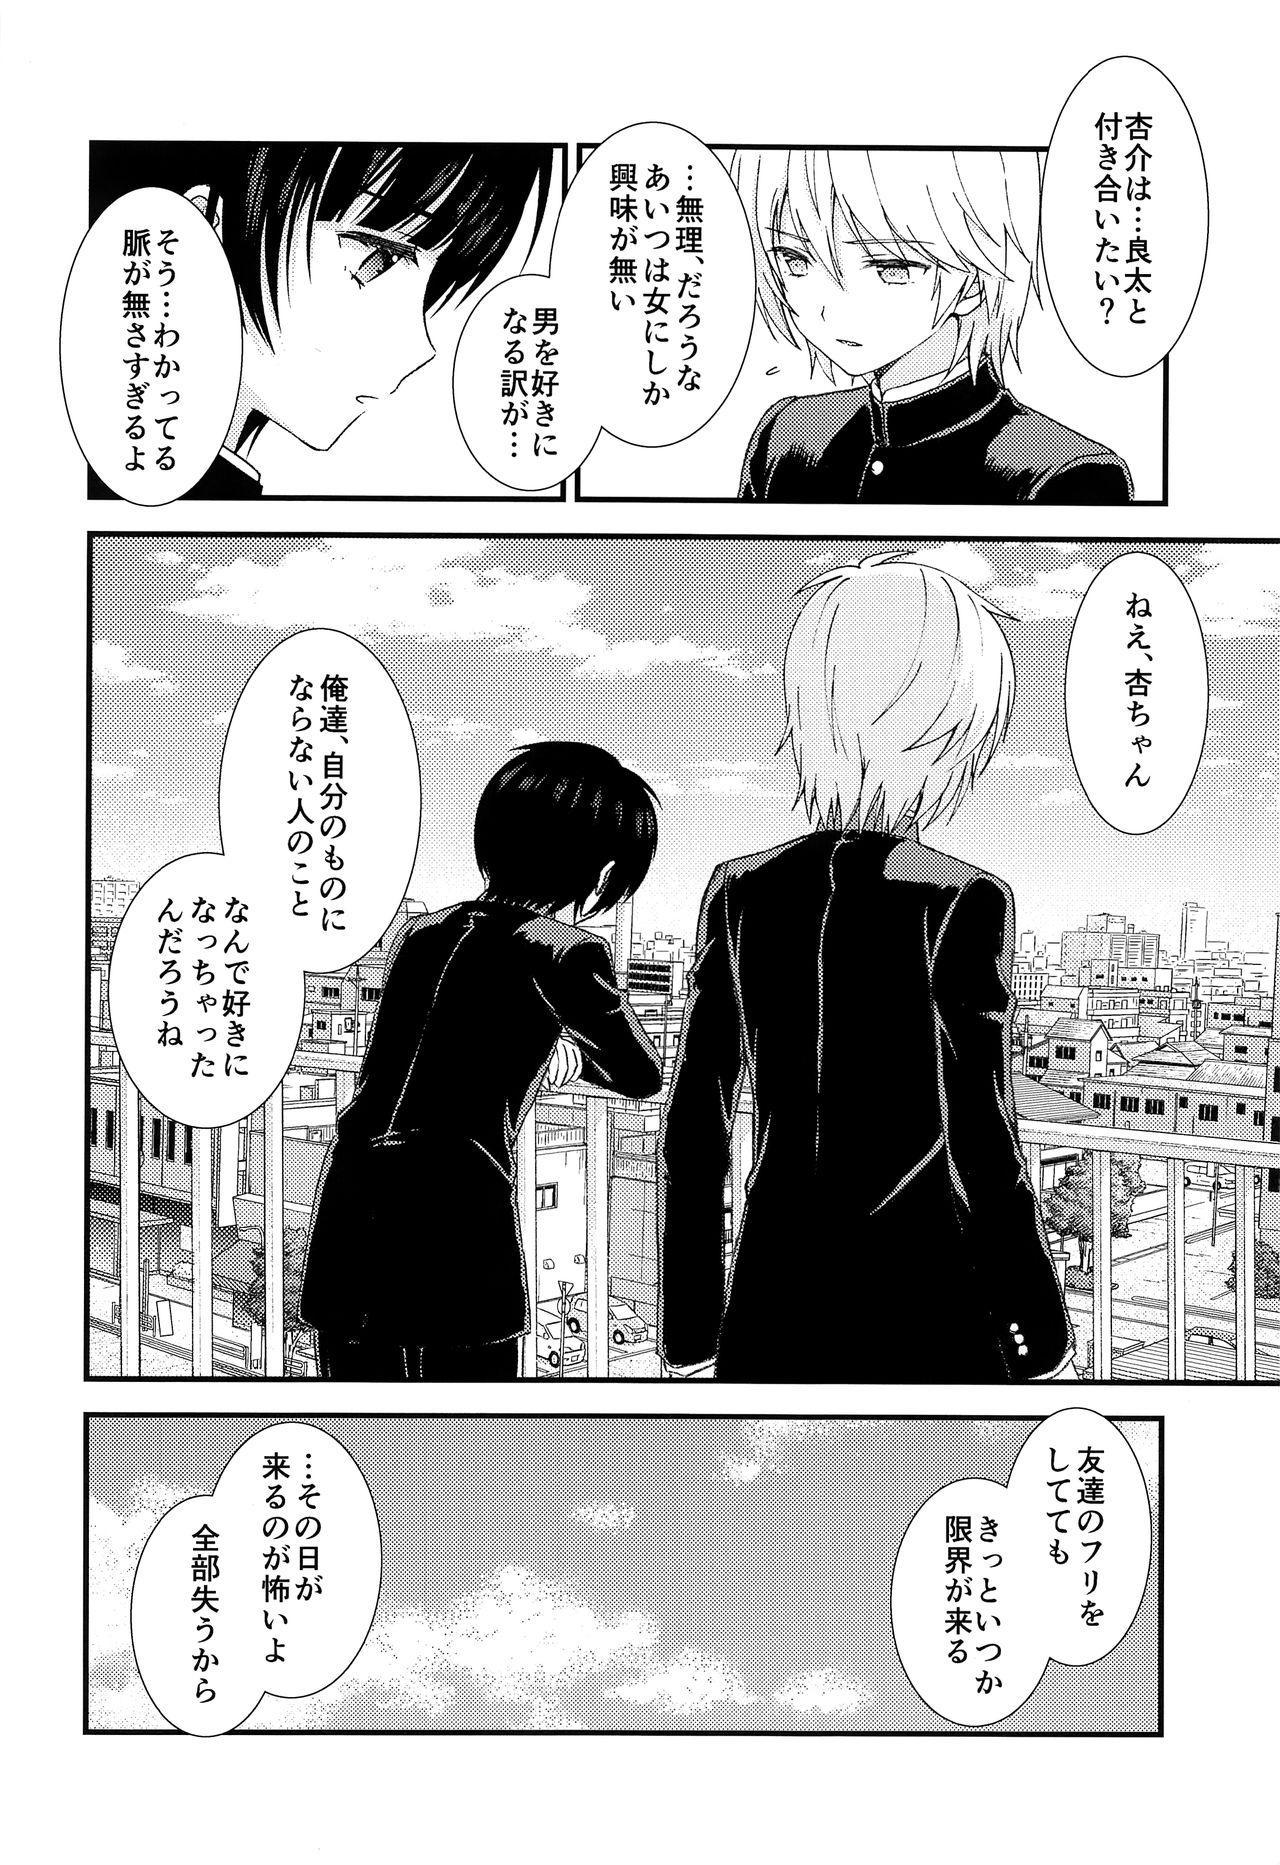 Nagasare 3P Sotsugyou Ryokou 20